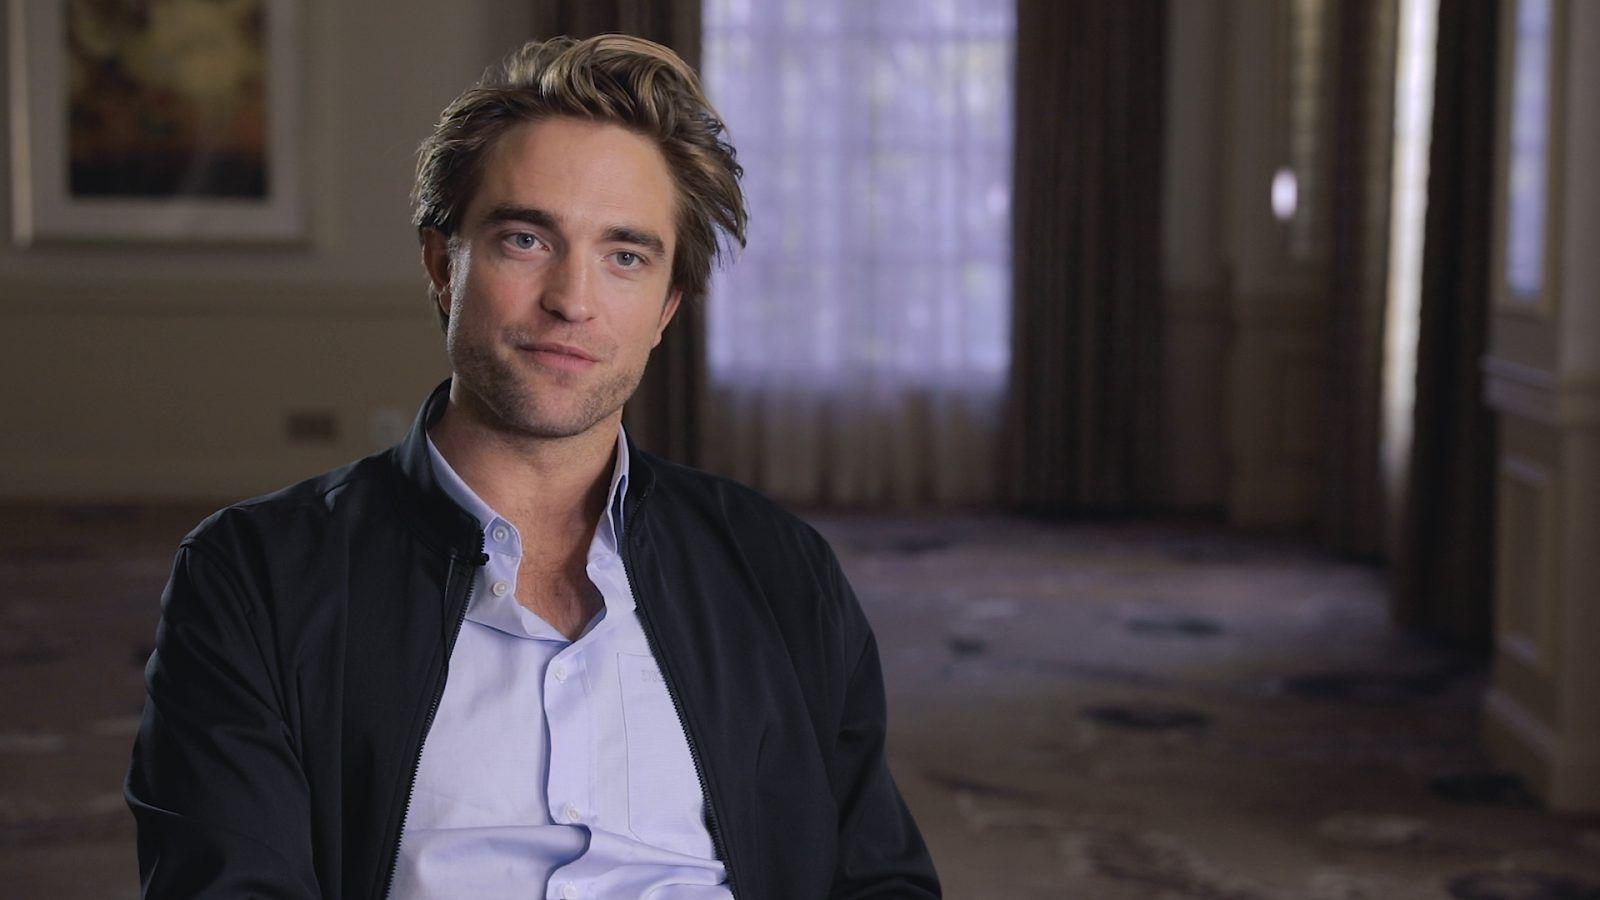 Robert Pattinson'ın COVİD-19 Testi Pozitif Çıktı! - Sinema Hanedanı